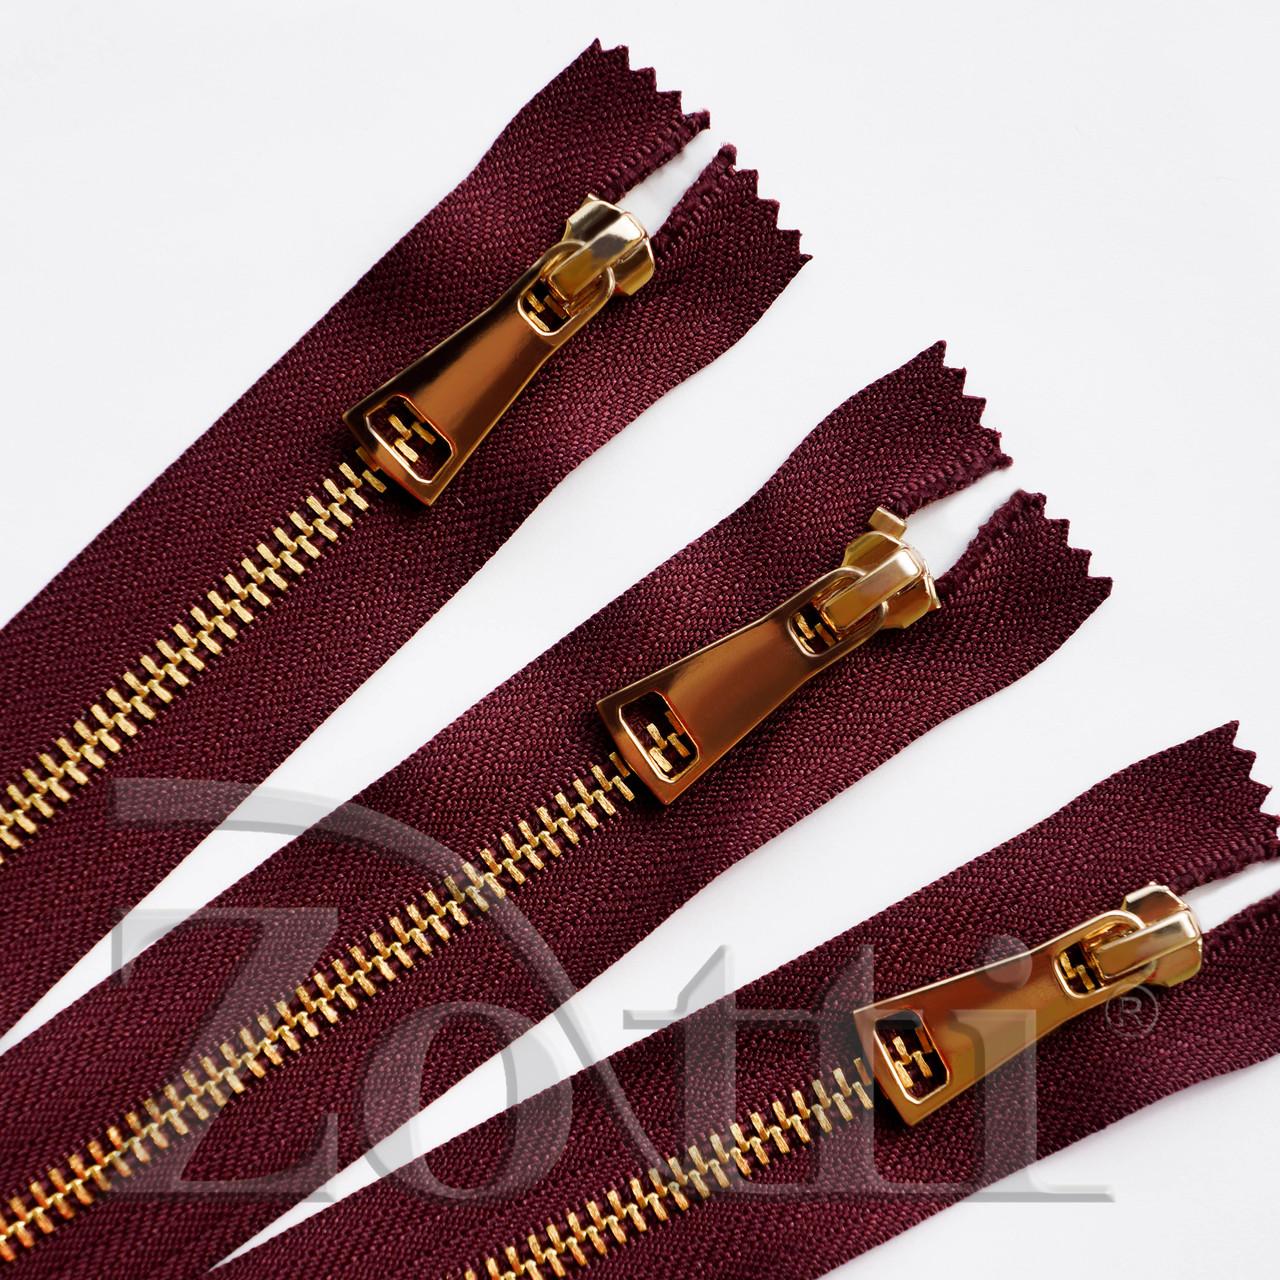 Молния (змейка,застежка) металлическая №5, размерная, обувная, бордовая, с золотым бегунком № 115 - 30 см